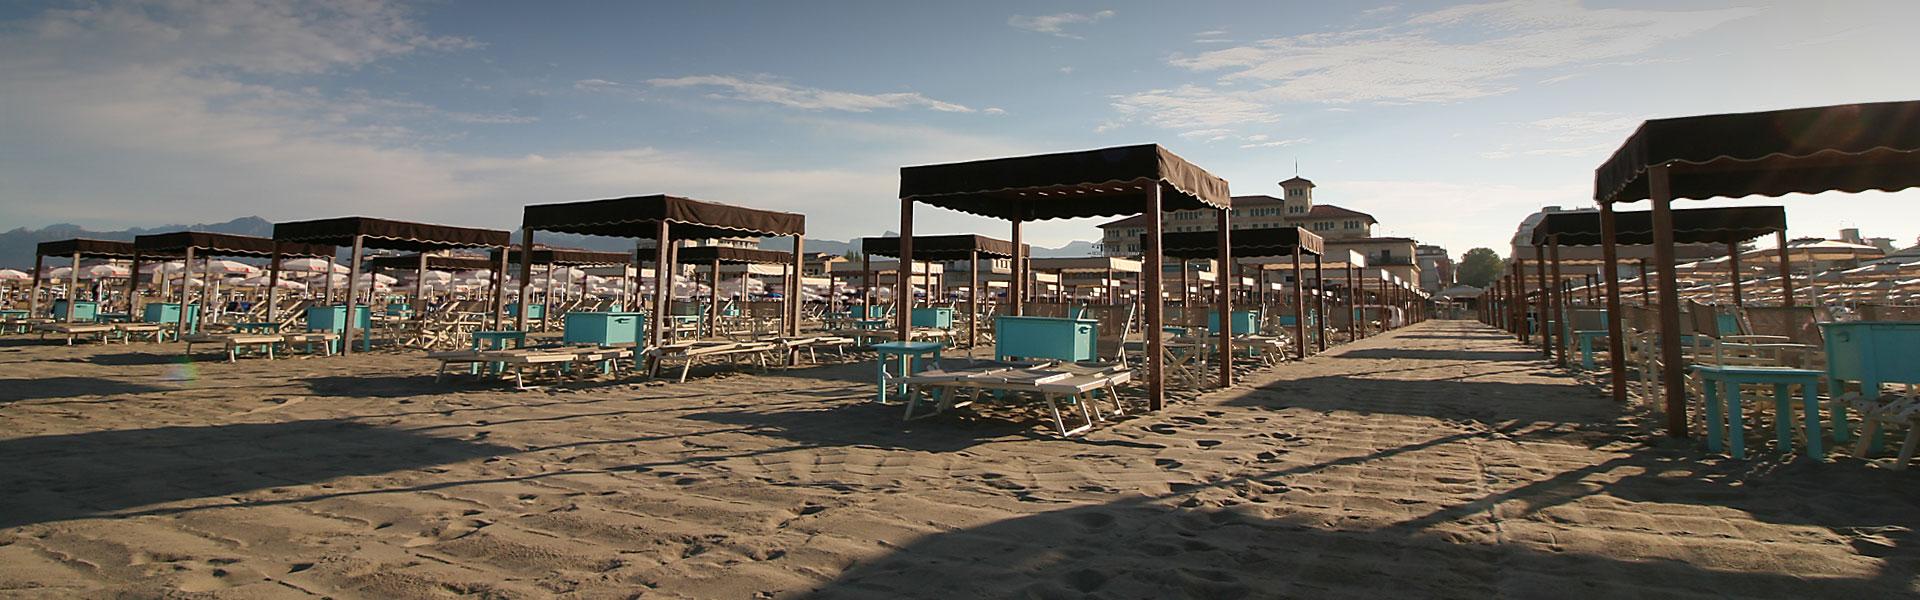 Bagno florida beach spiaggia viareggio tende